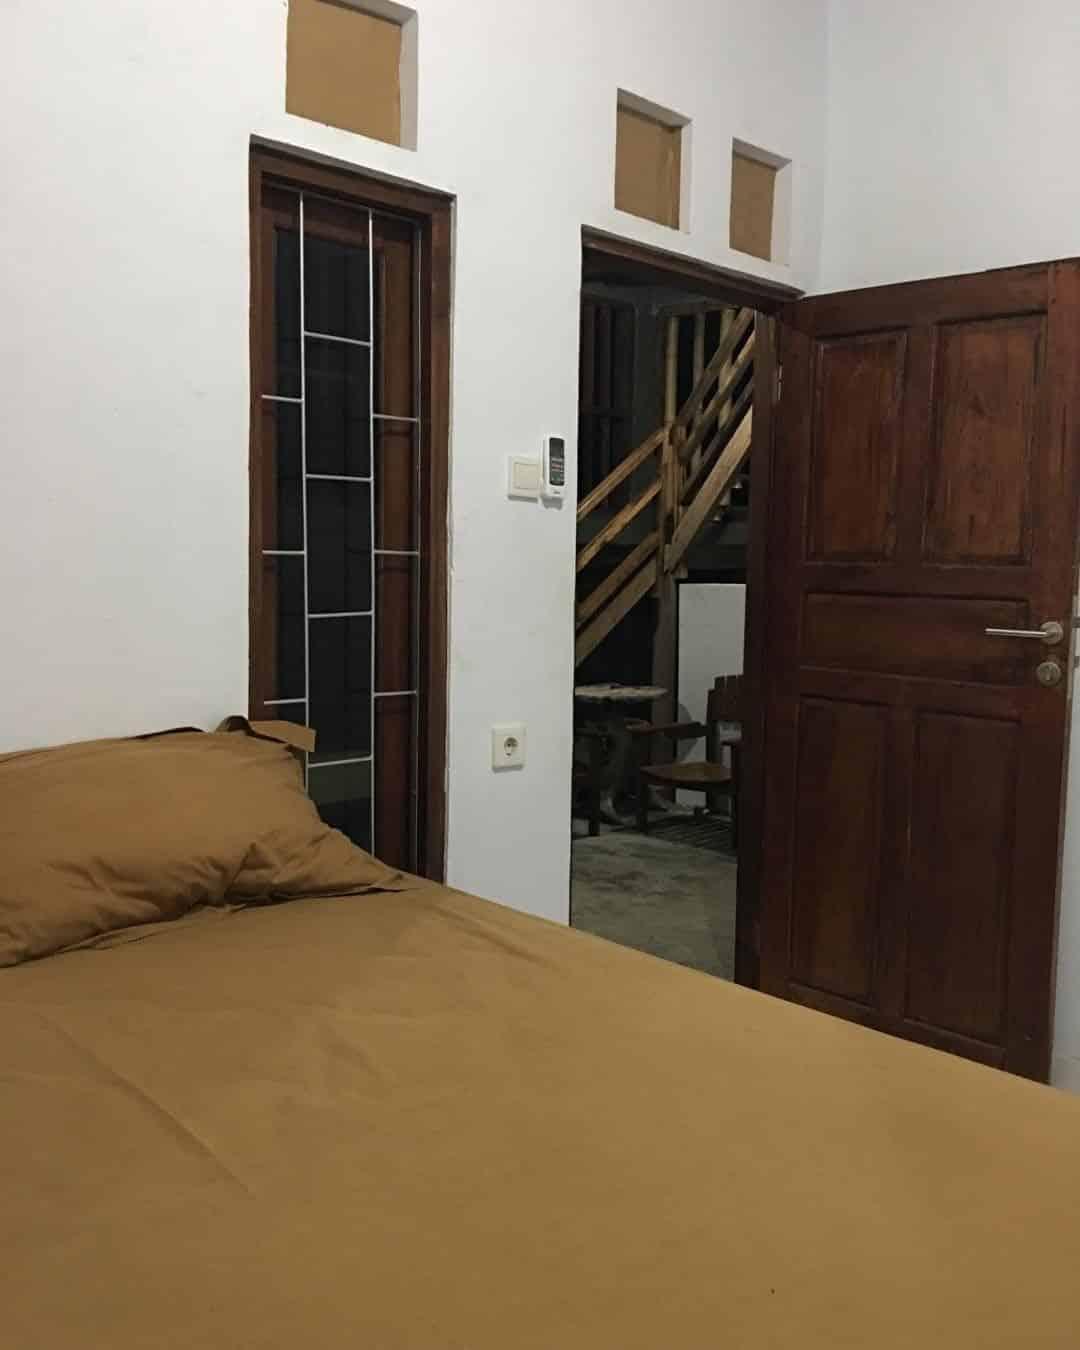 Penginapan Murah Di Bali 50 Ribu Sampai 200 Ribu Per Malam 1